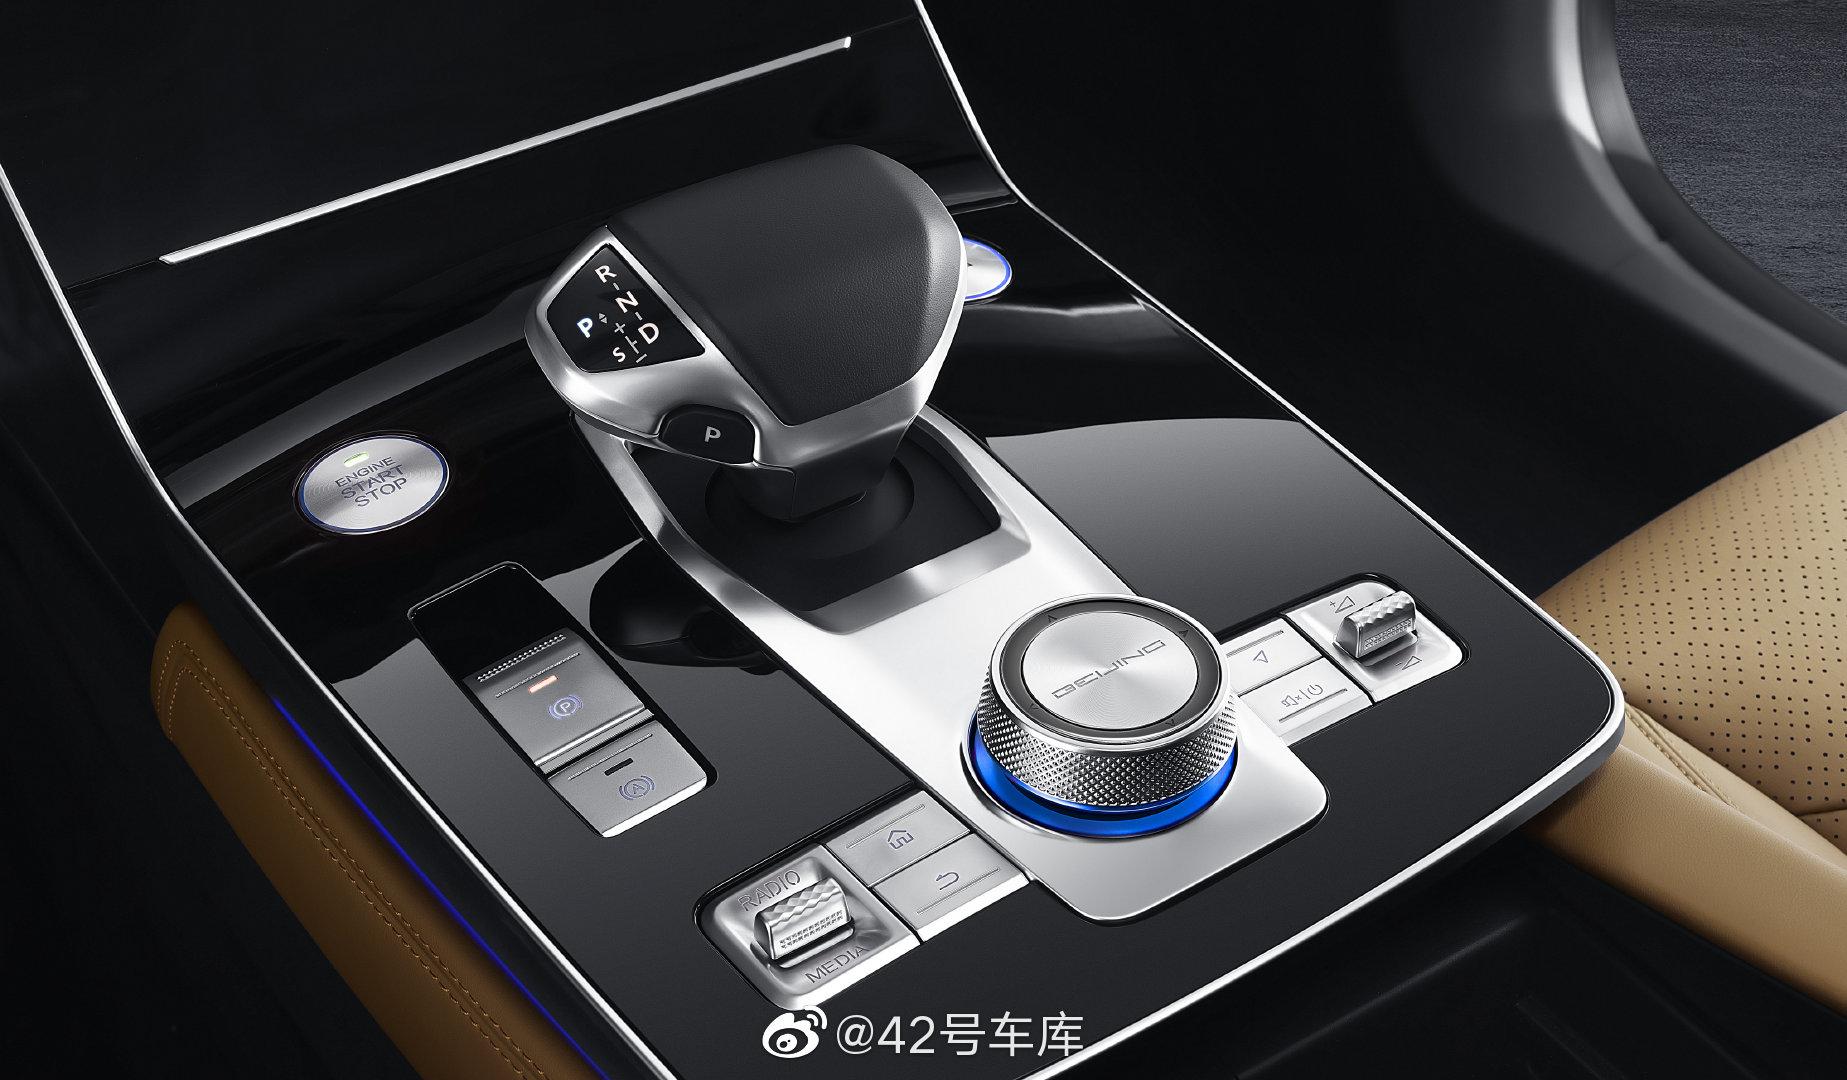 北京汽车全新 X7 正式上市,并公布预售价 10-15 万,价格很厚道